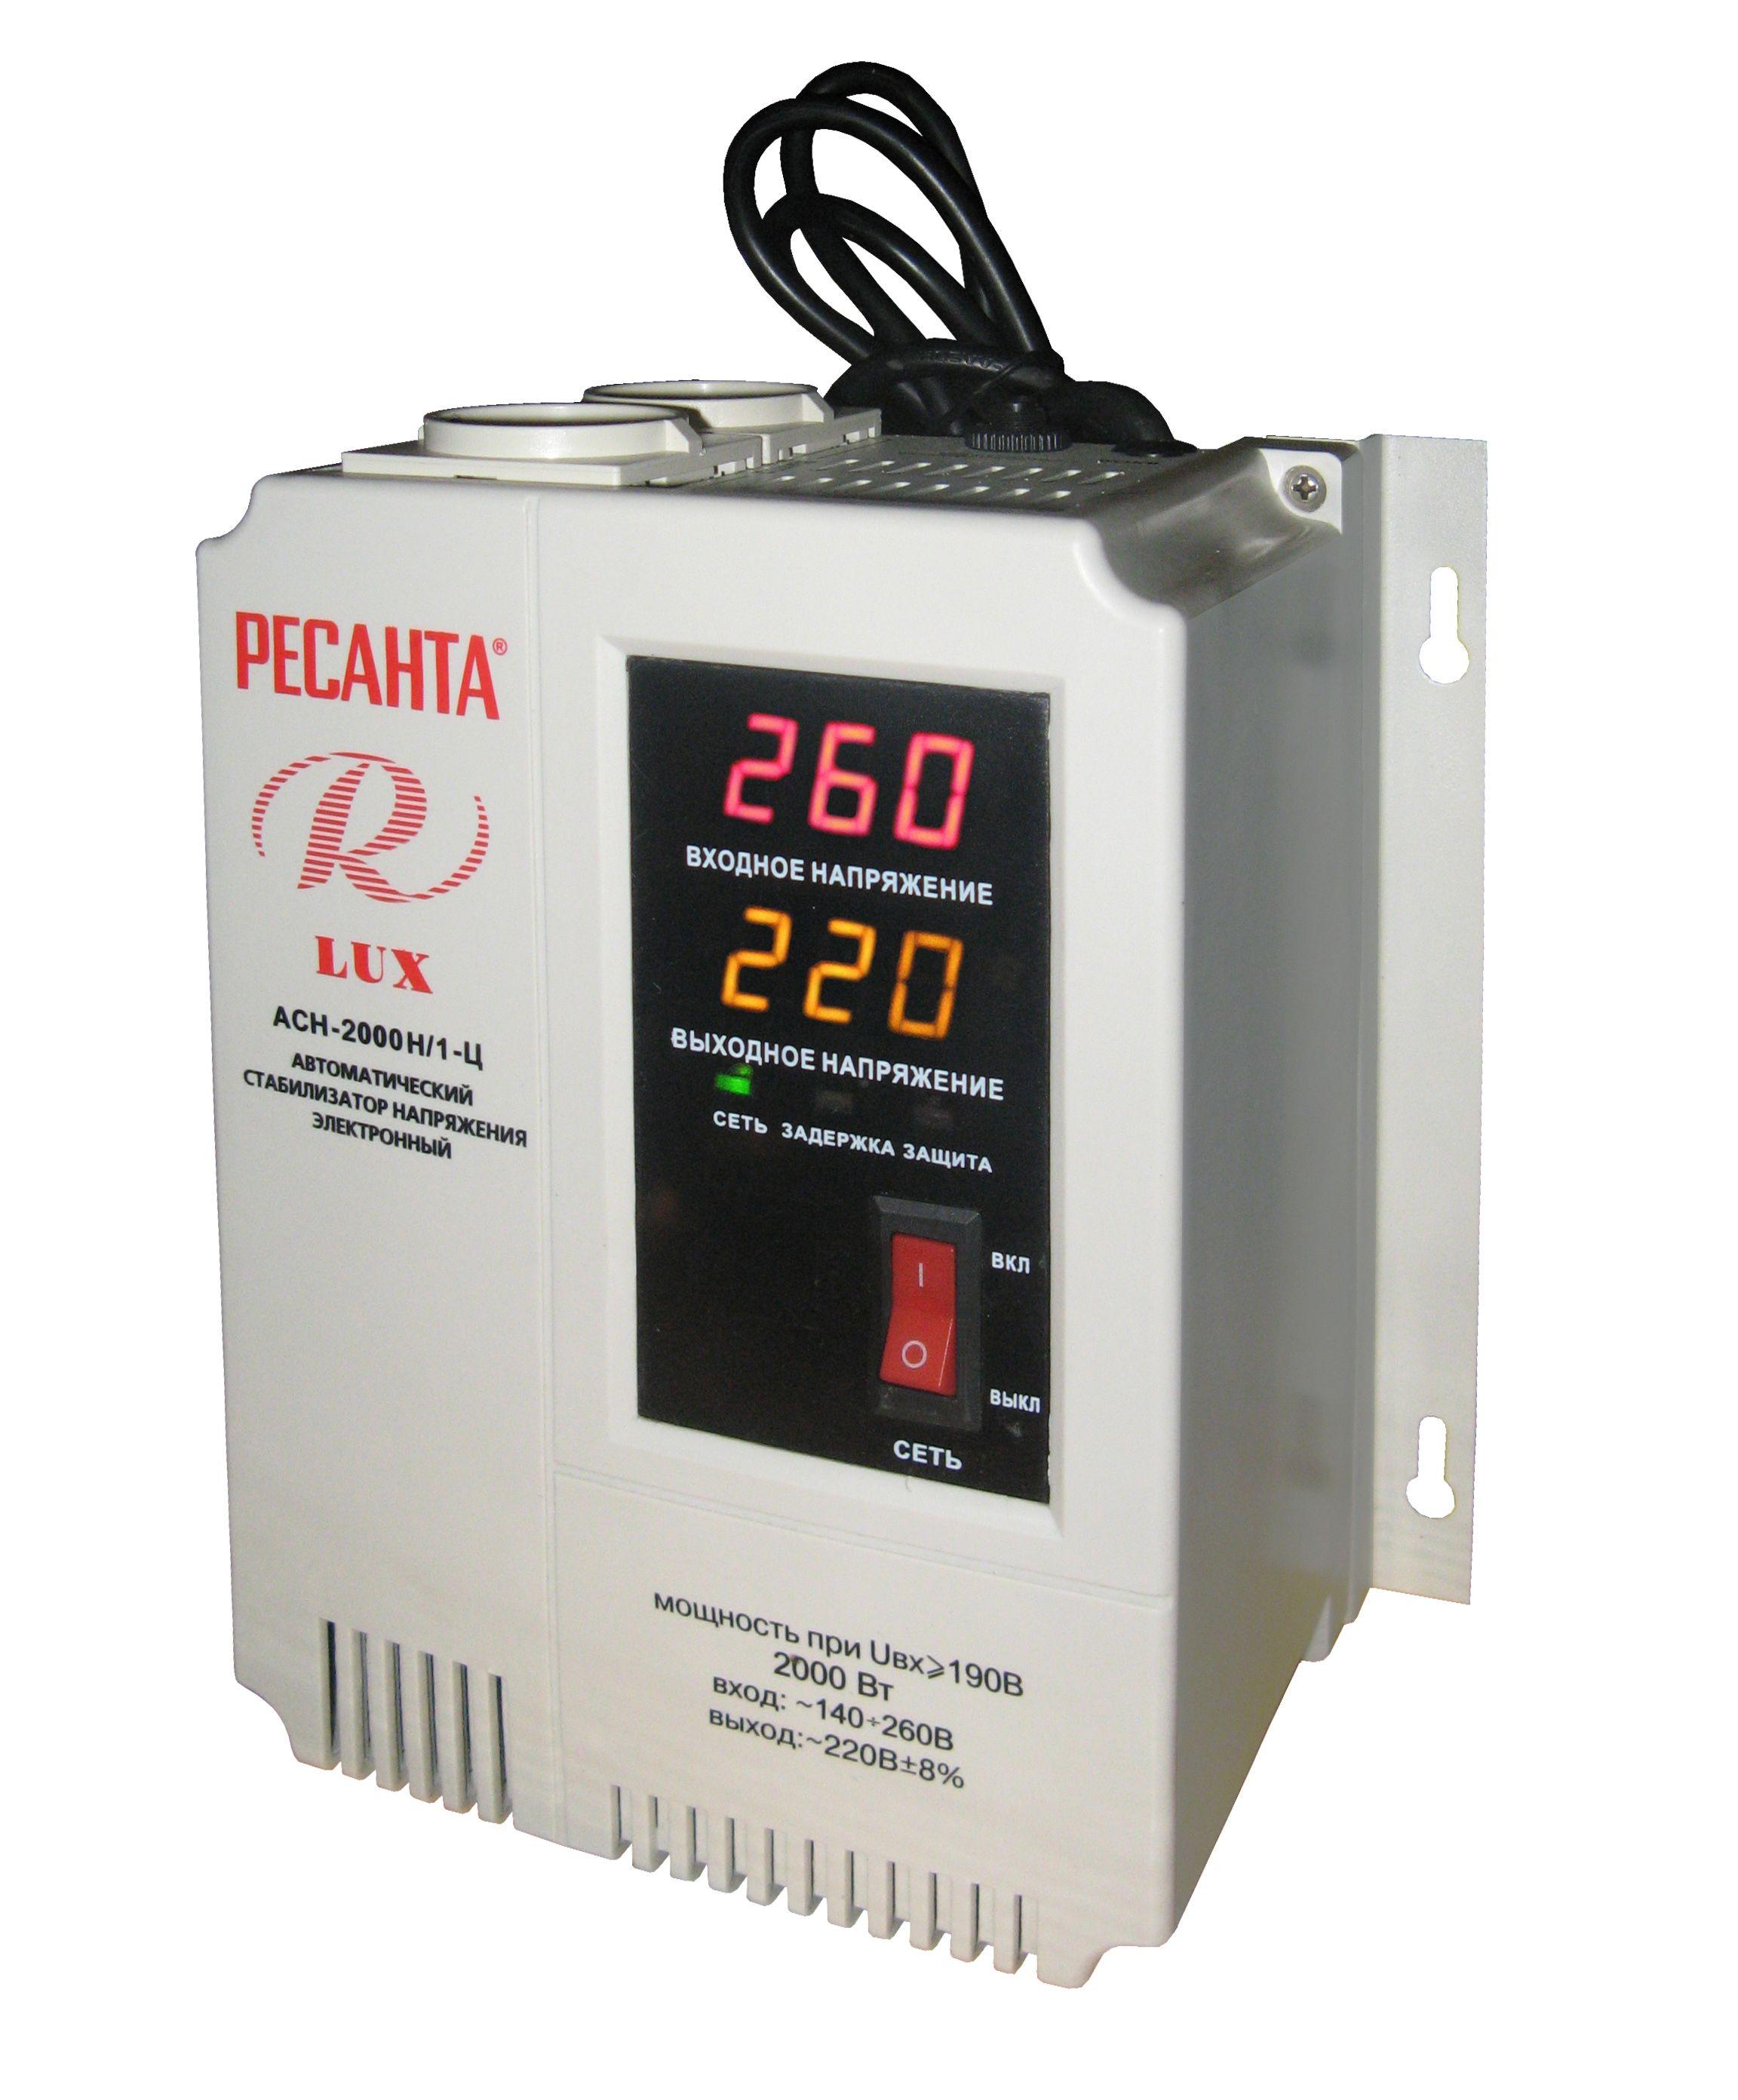 Стабилизатор напряжения Ресанта Real Brand Technics 2149.000